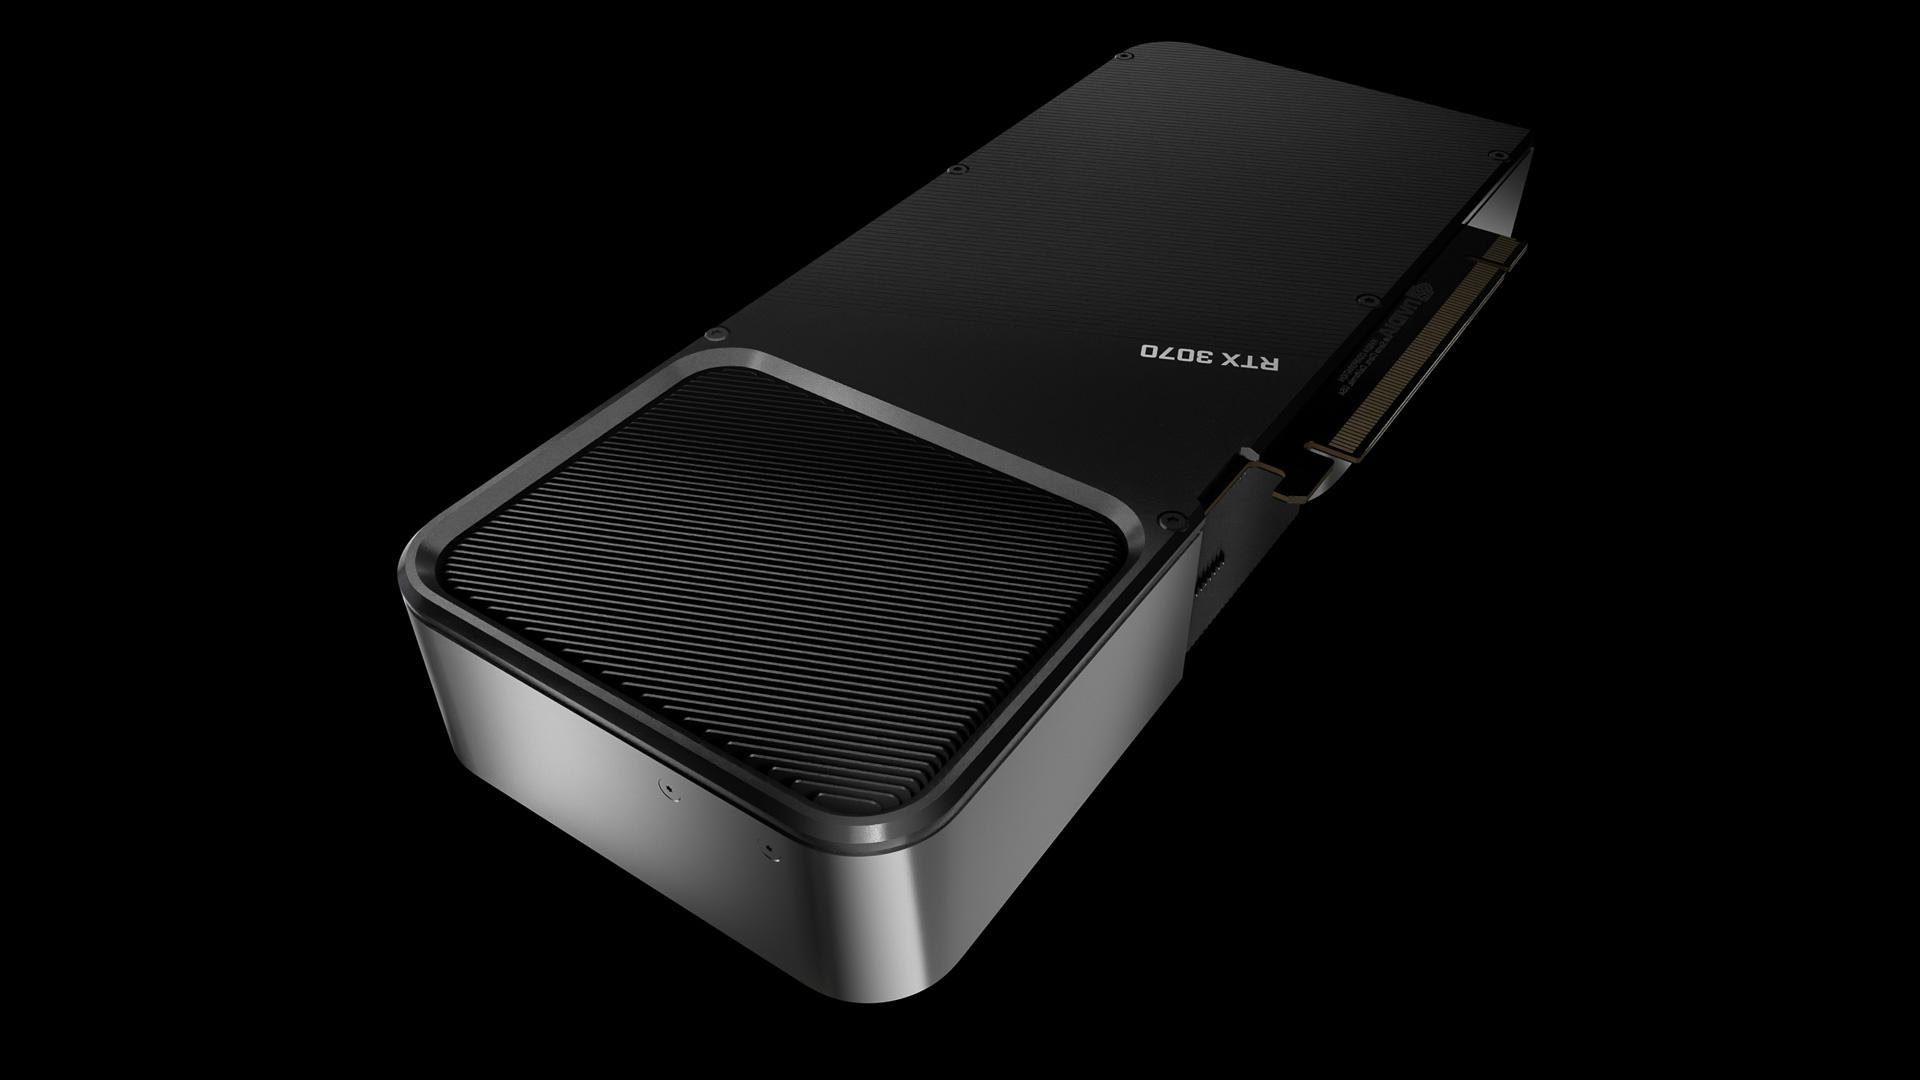 GeForce RTX 3070は30シリーズの中では一番の廉価版。10月に販売開始の計画で499ドル、日本では79,800円という予価になっている(出典:NVIDIA)